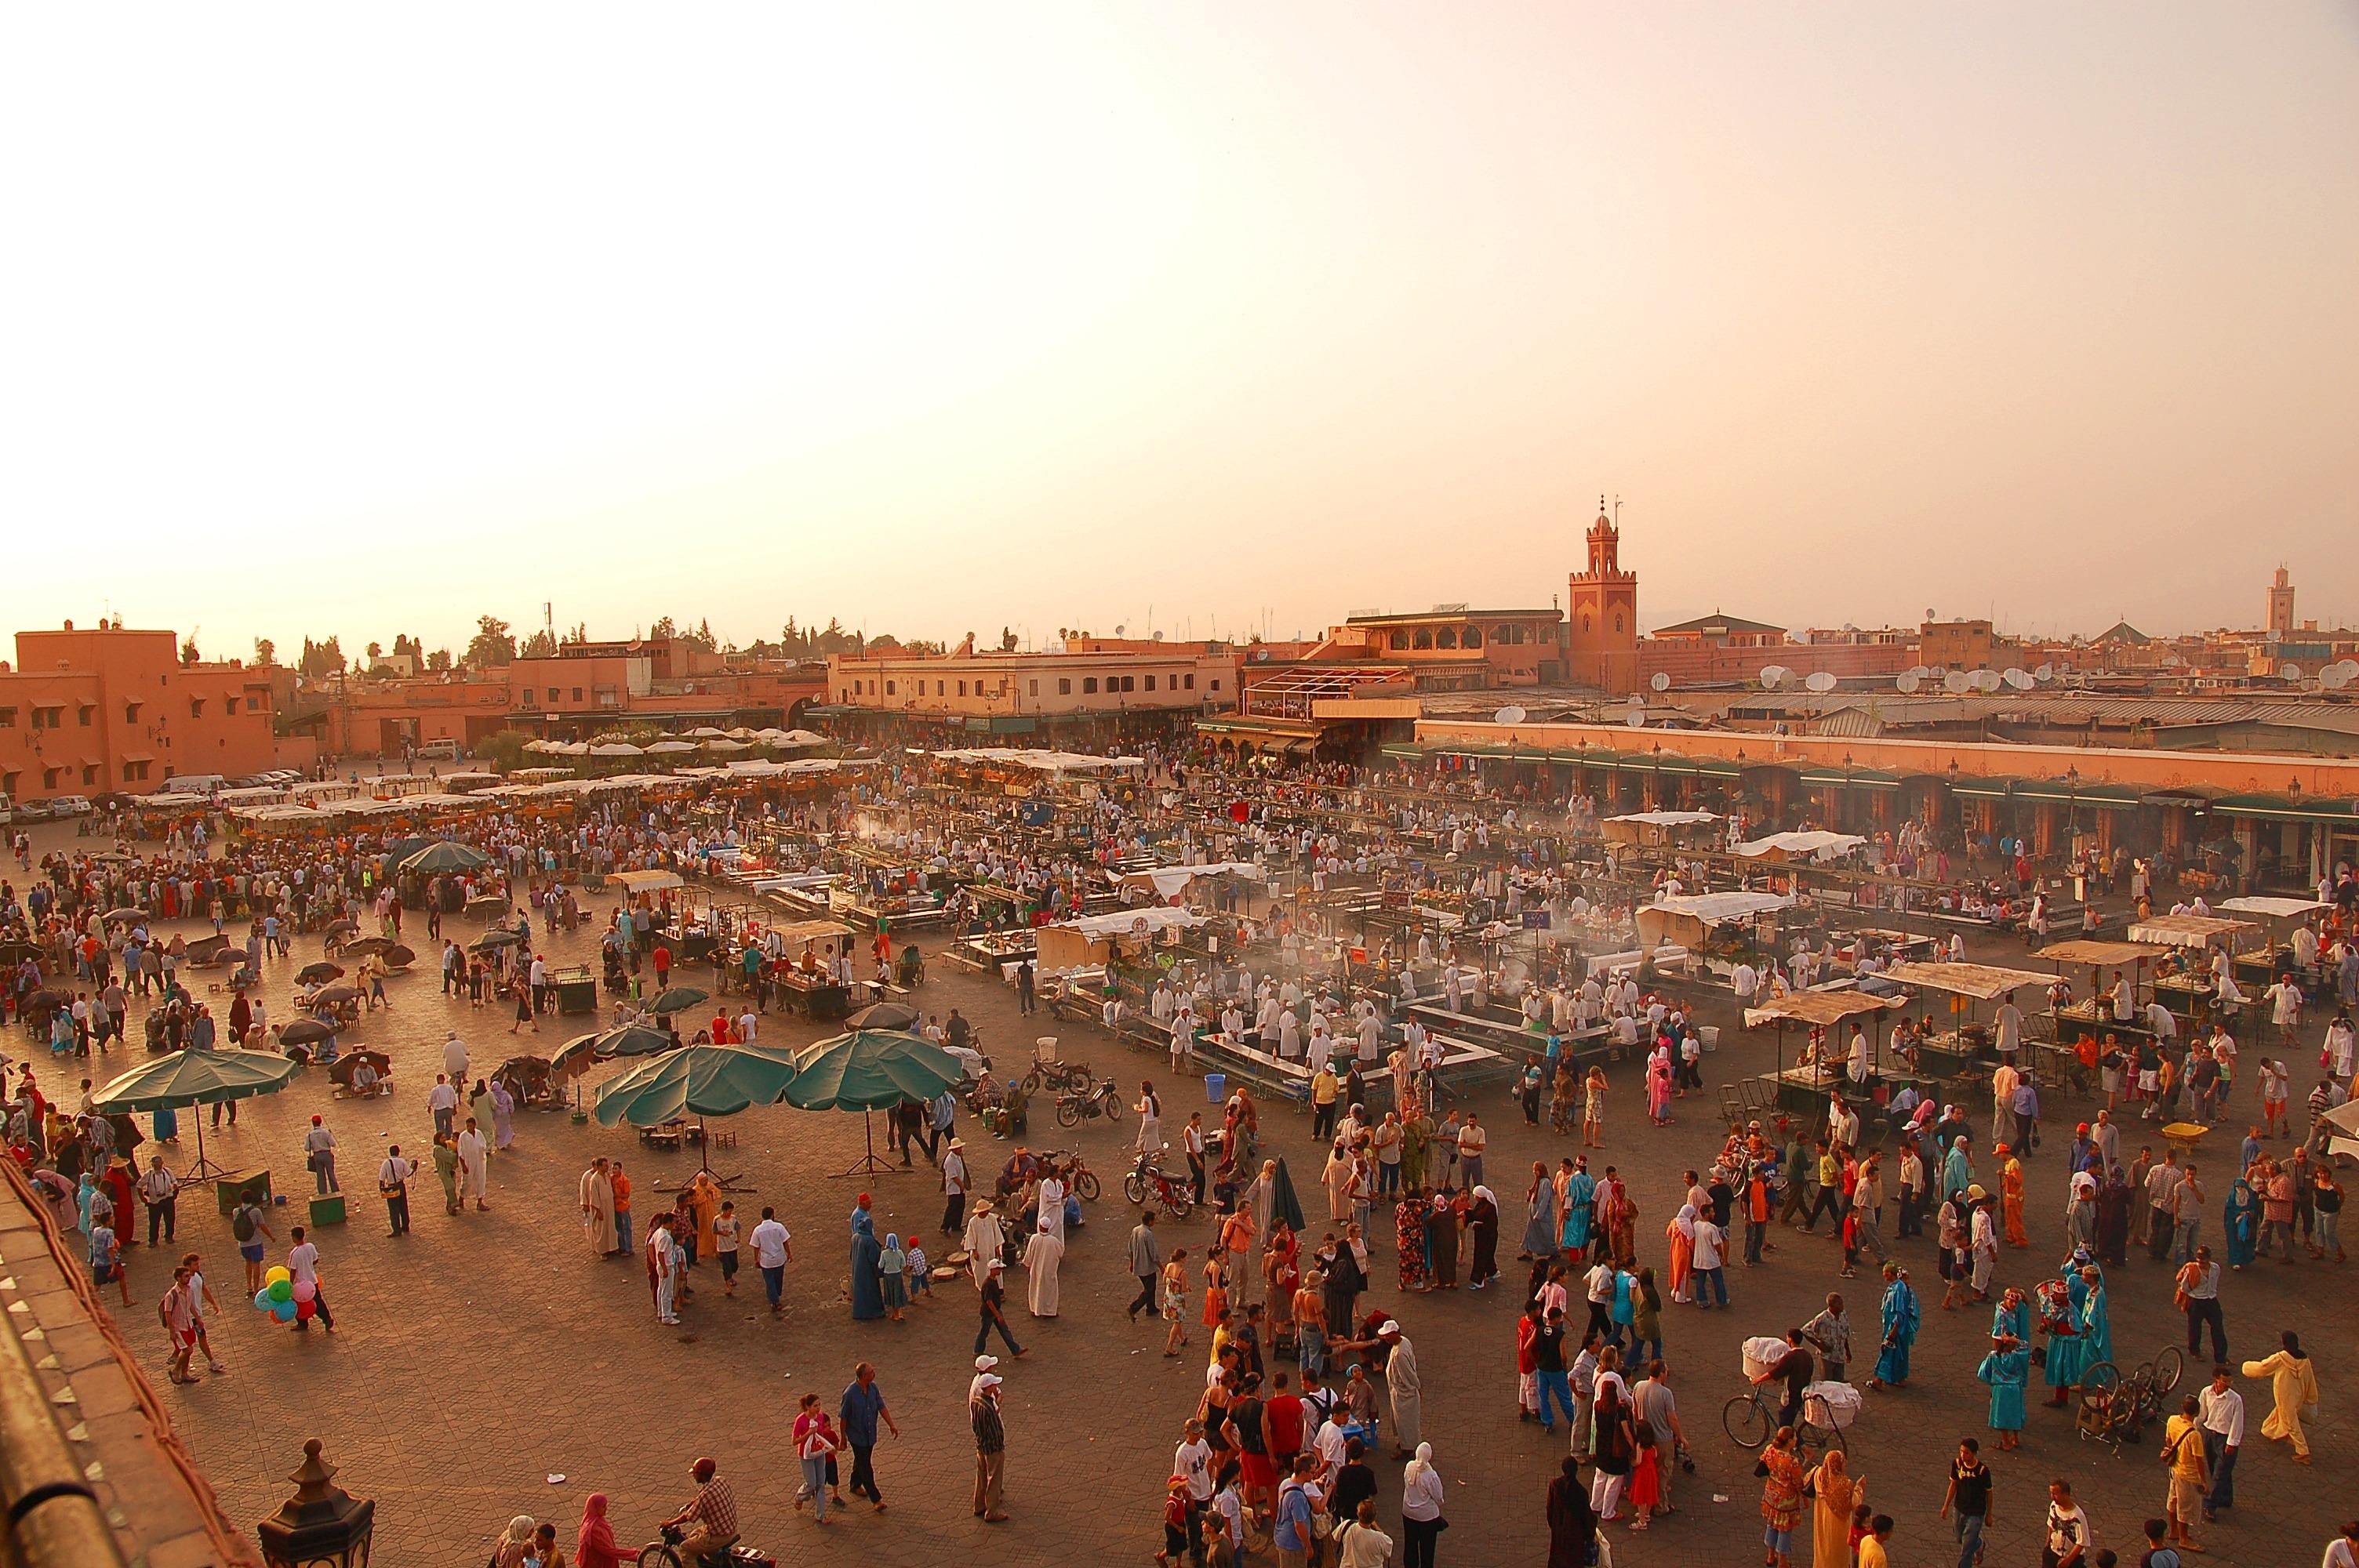 Aïd el Kebir, Marketing halal : Aïd el Kebir 2014 à Marrakech